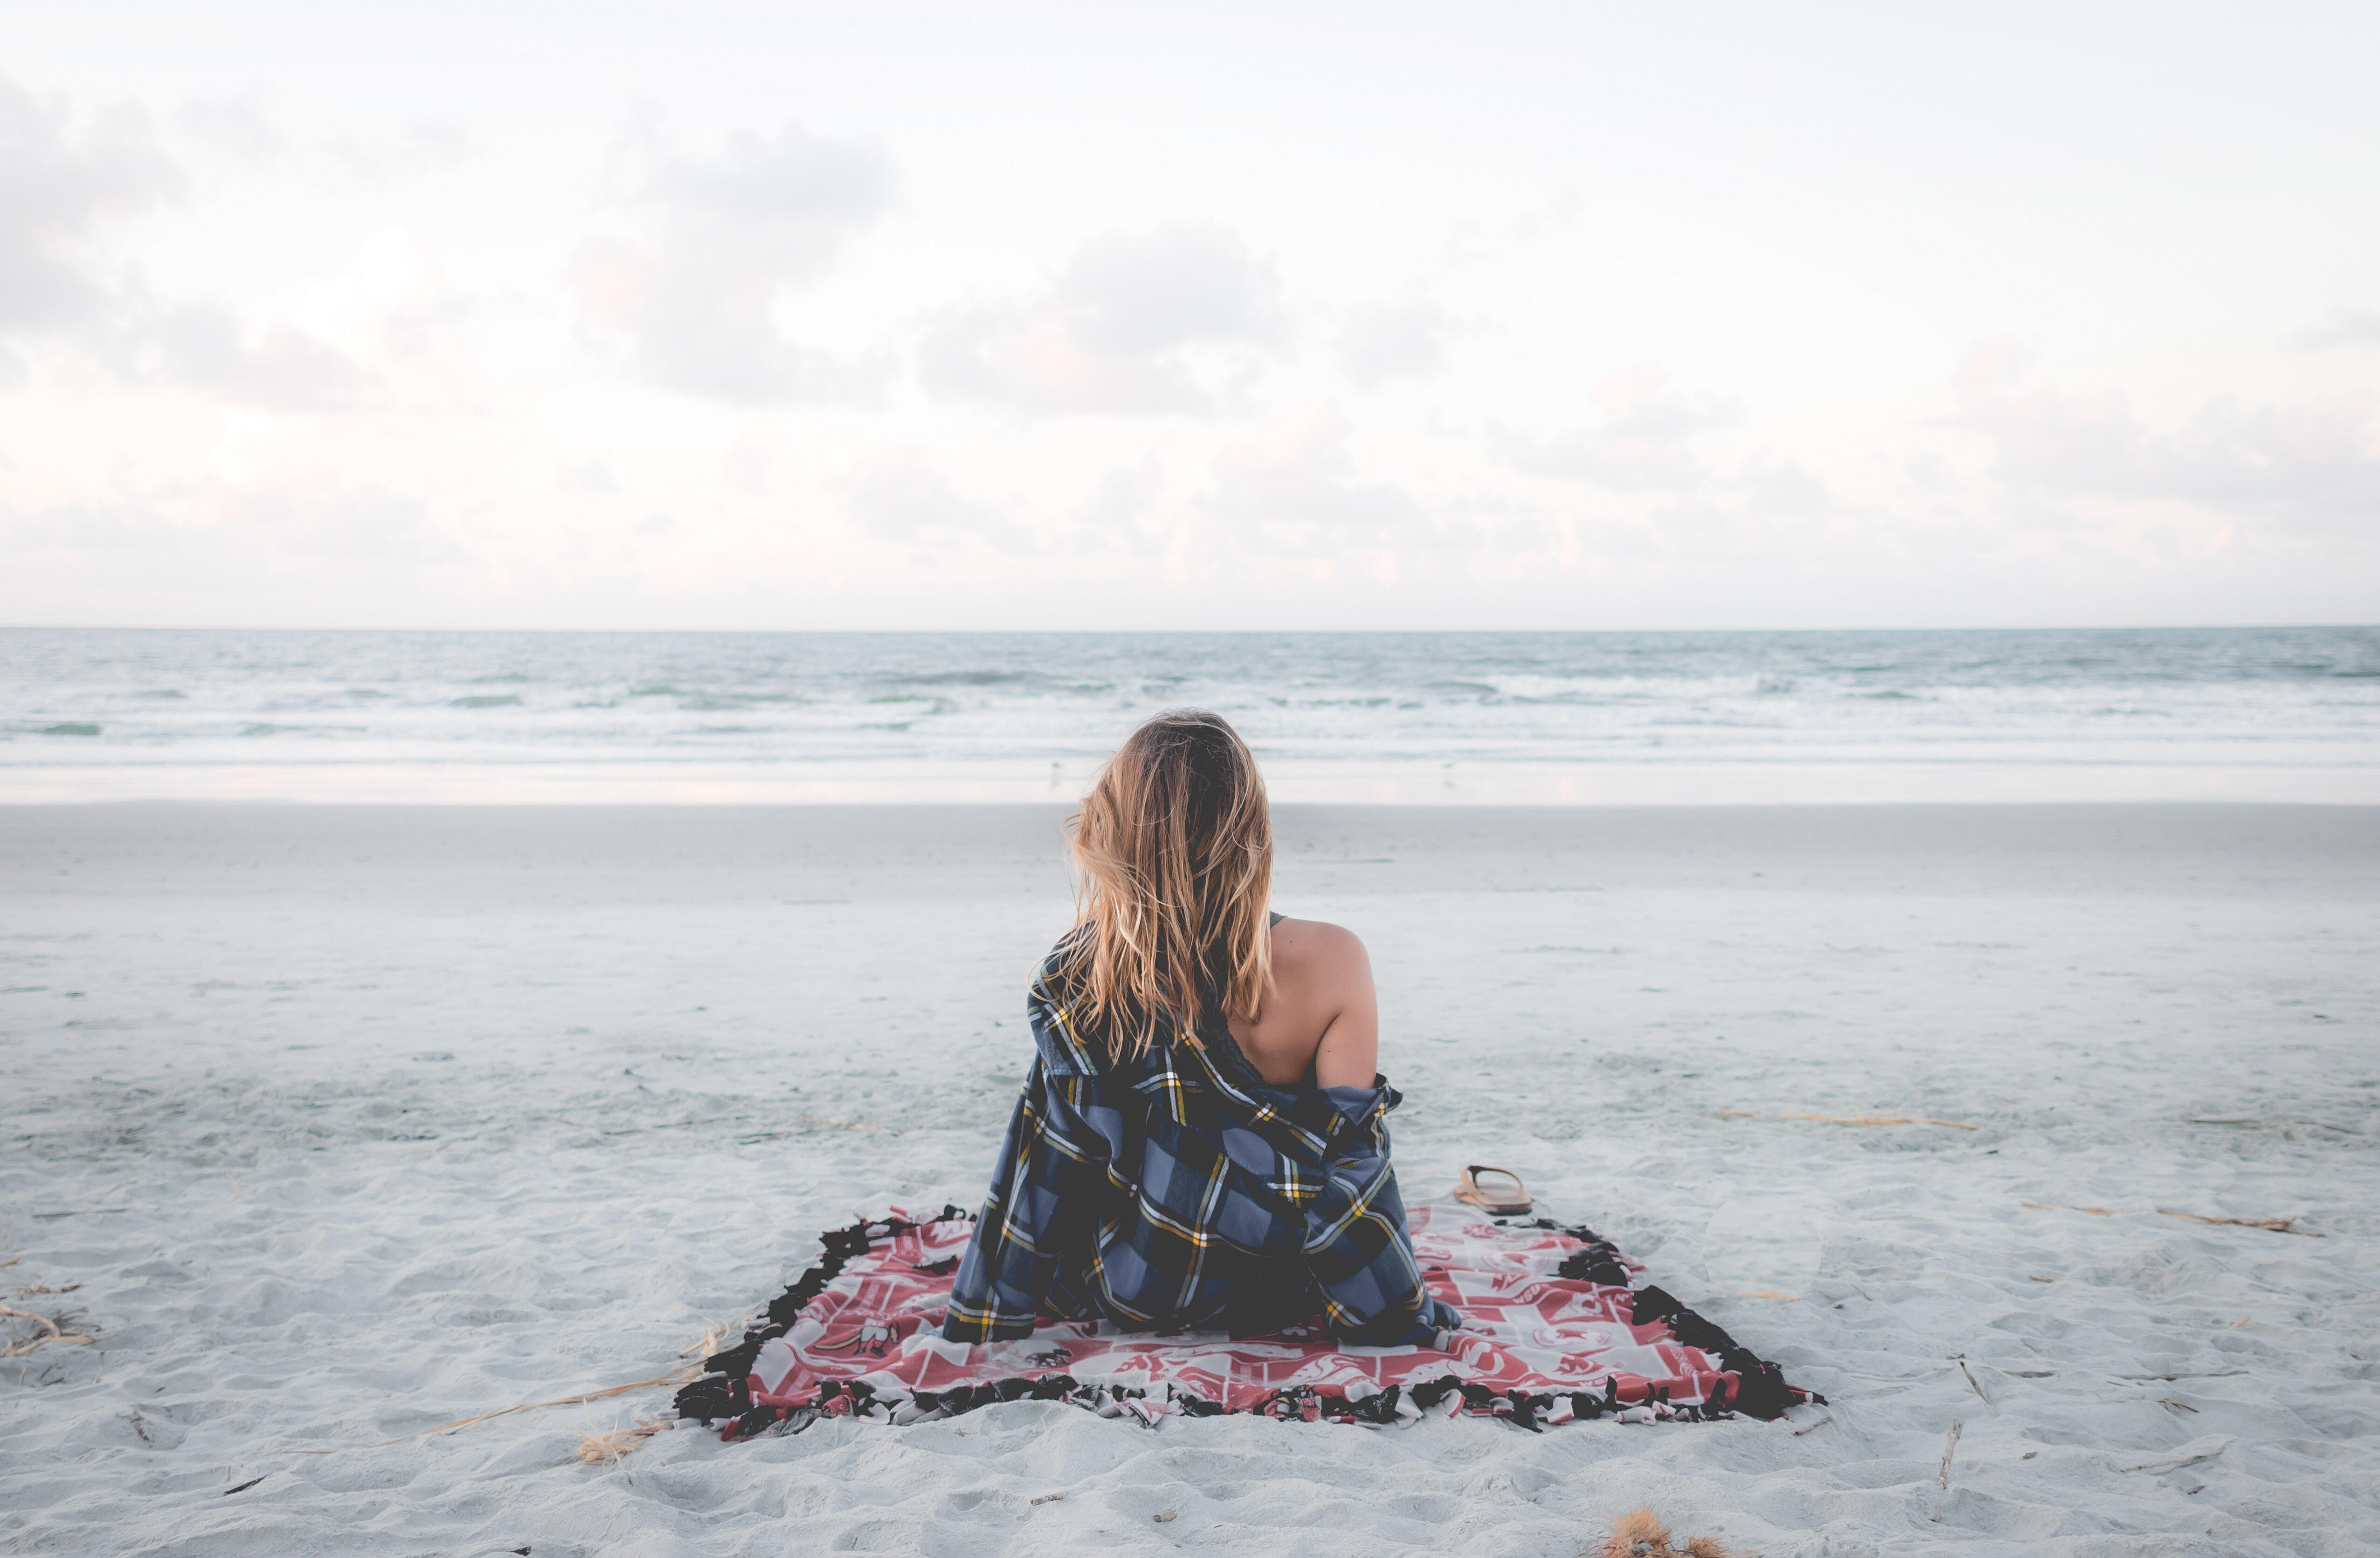 Kobieta na plaży, zdjęcie ilustracyjne